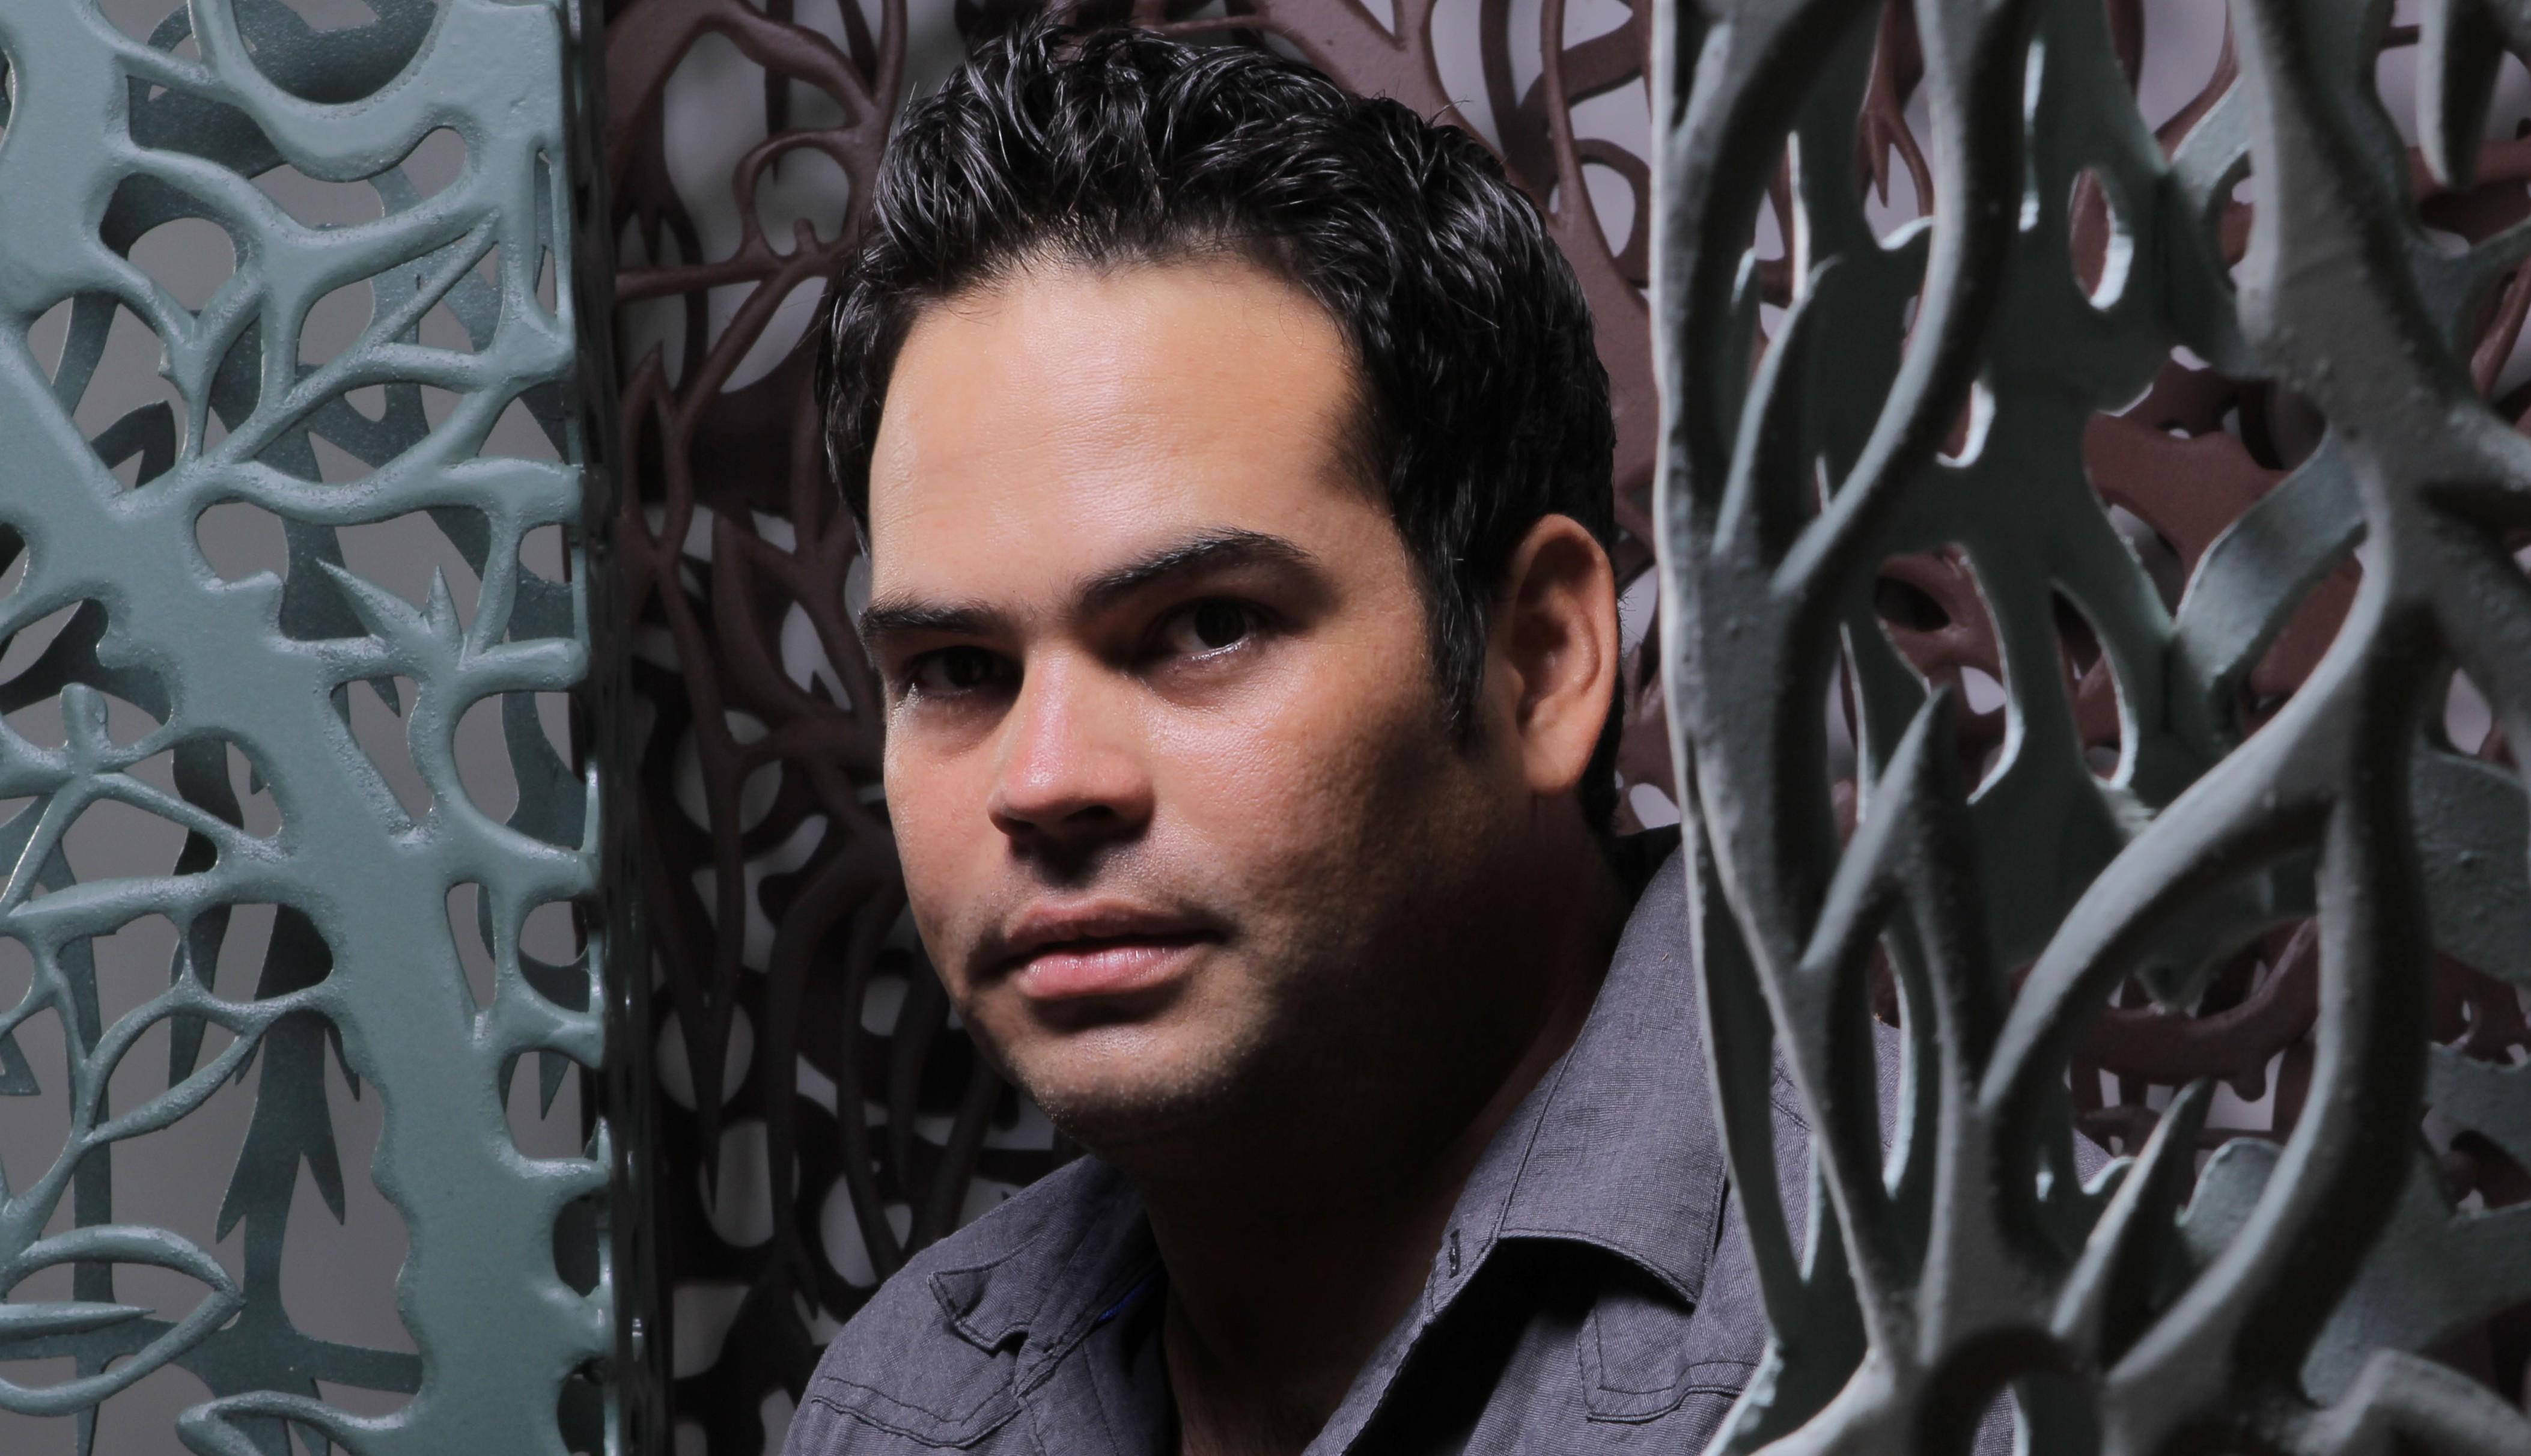 El artista apostoleño Andrés Paredes expone sus obras en Arte Espacio en Buenos Aires